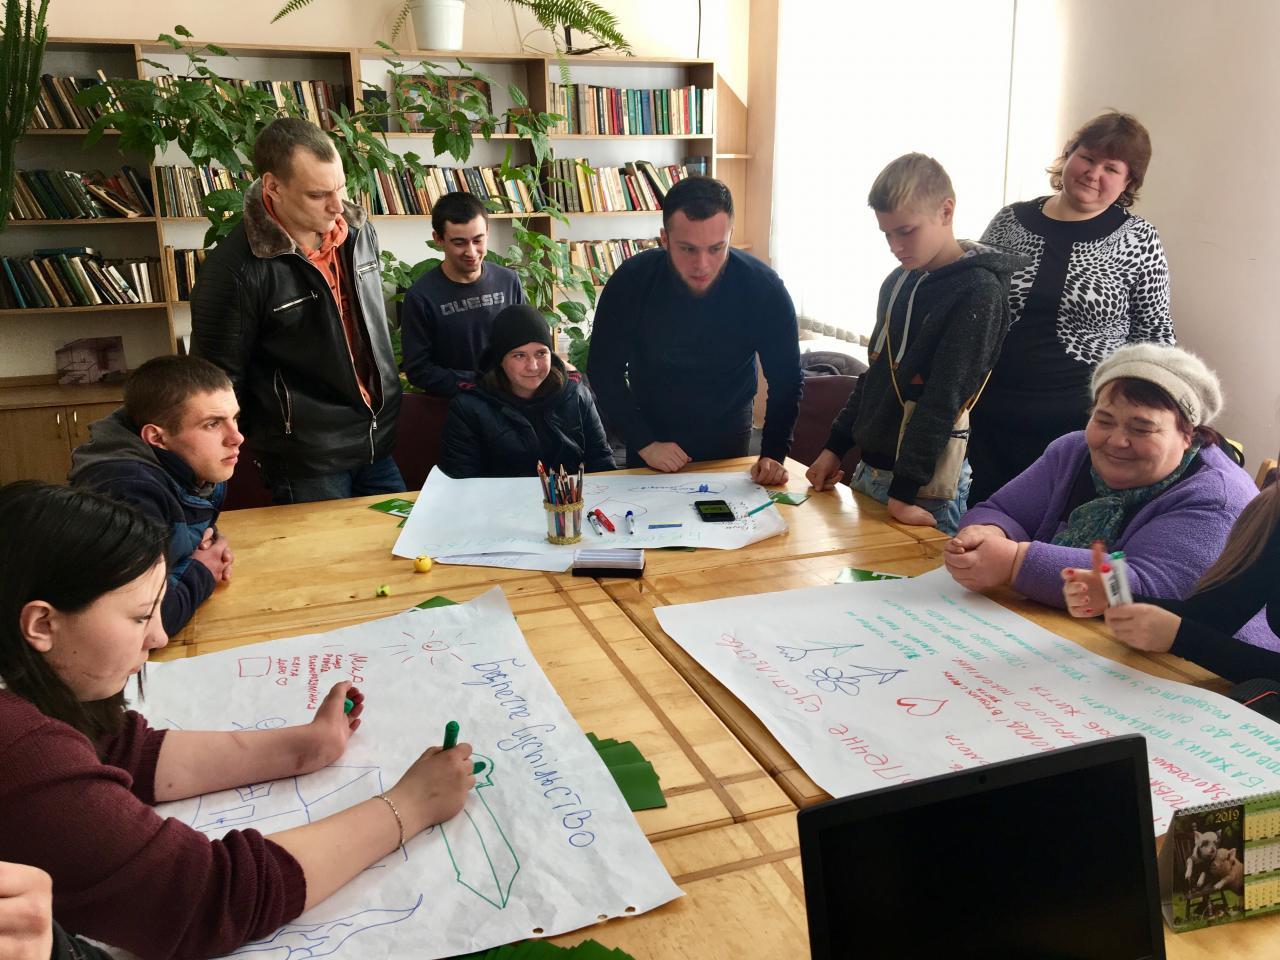 http://dunrada.gov.ua/uploadfile/archive_news/2020/02/14/2020-02-14_6948/images/images-86572.jpg